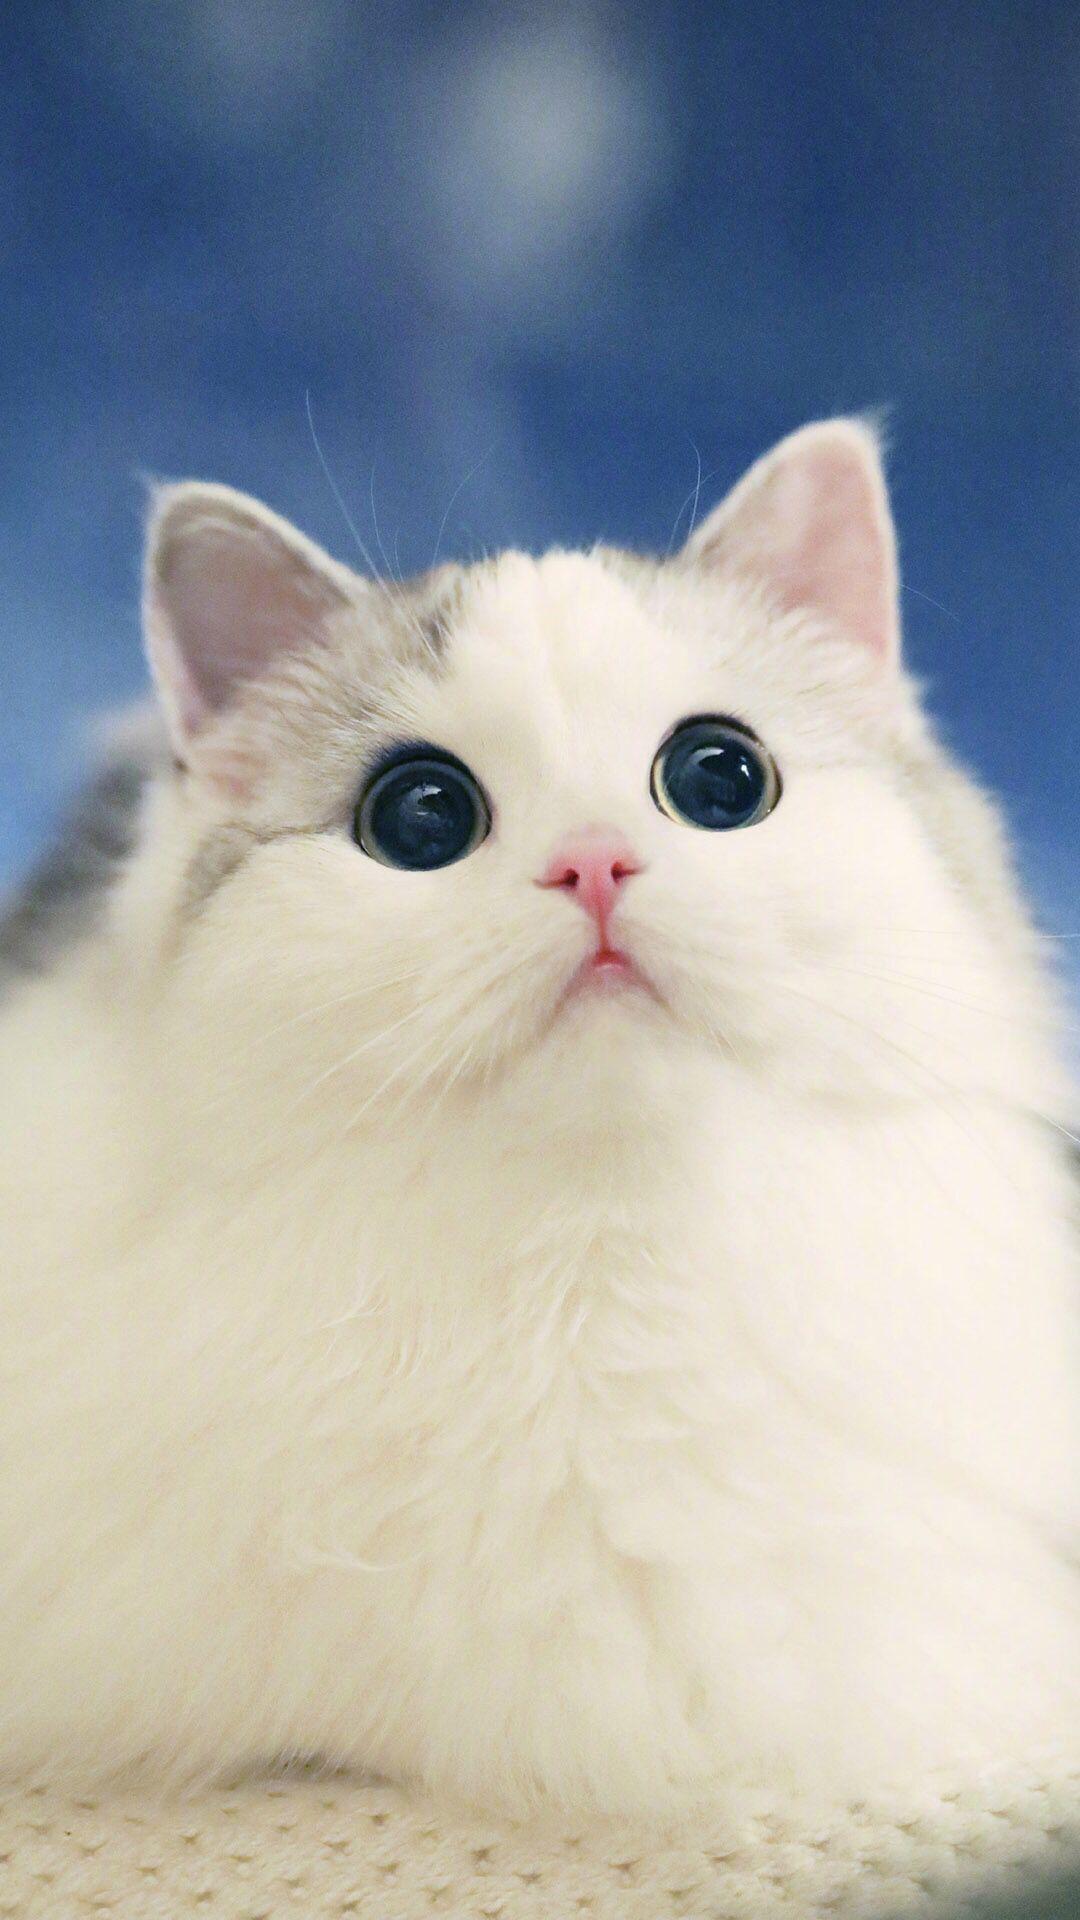 Pin Von Noble2468noble Auf Cute Animals In 2020 Niedliche Tiere Baby Katzen Niedliche Tierbabys